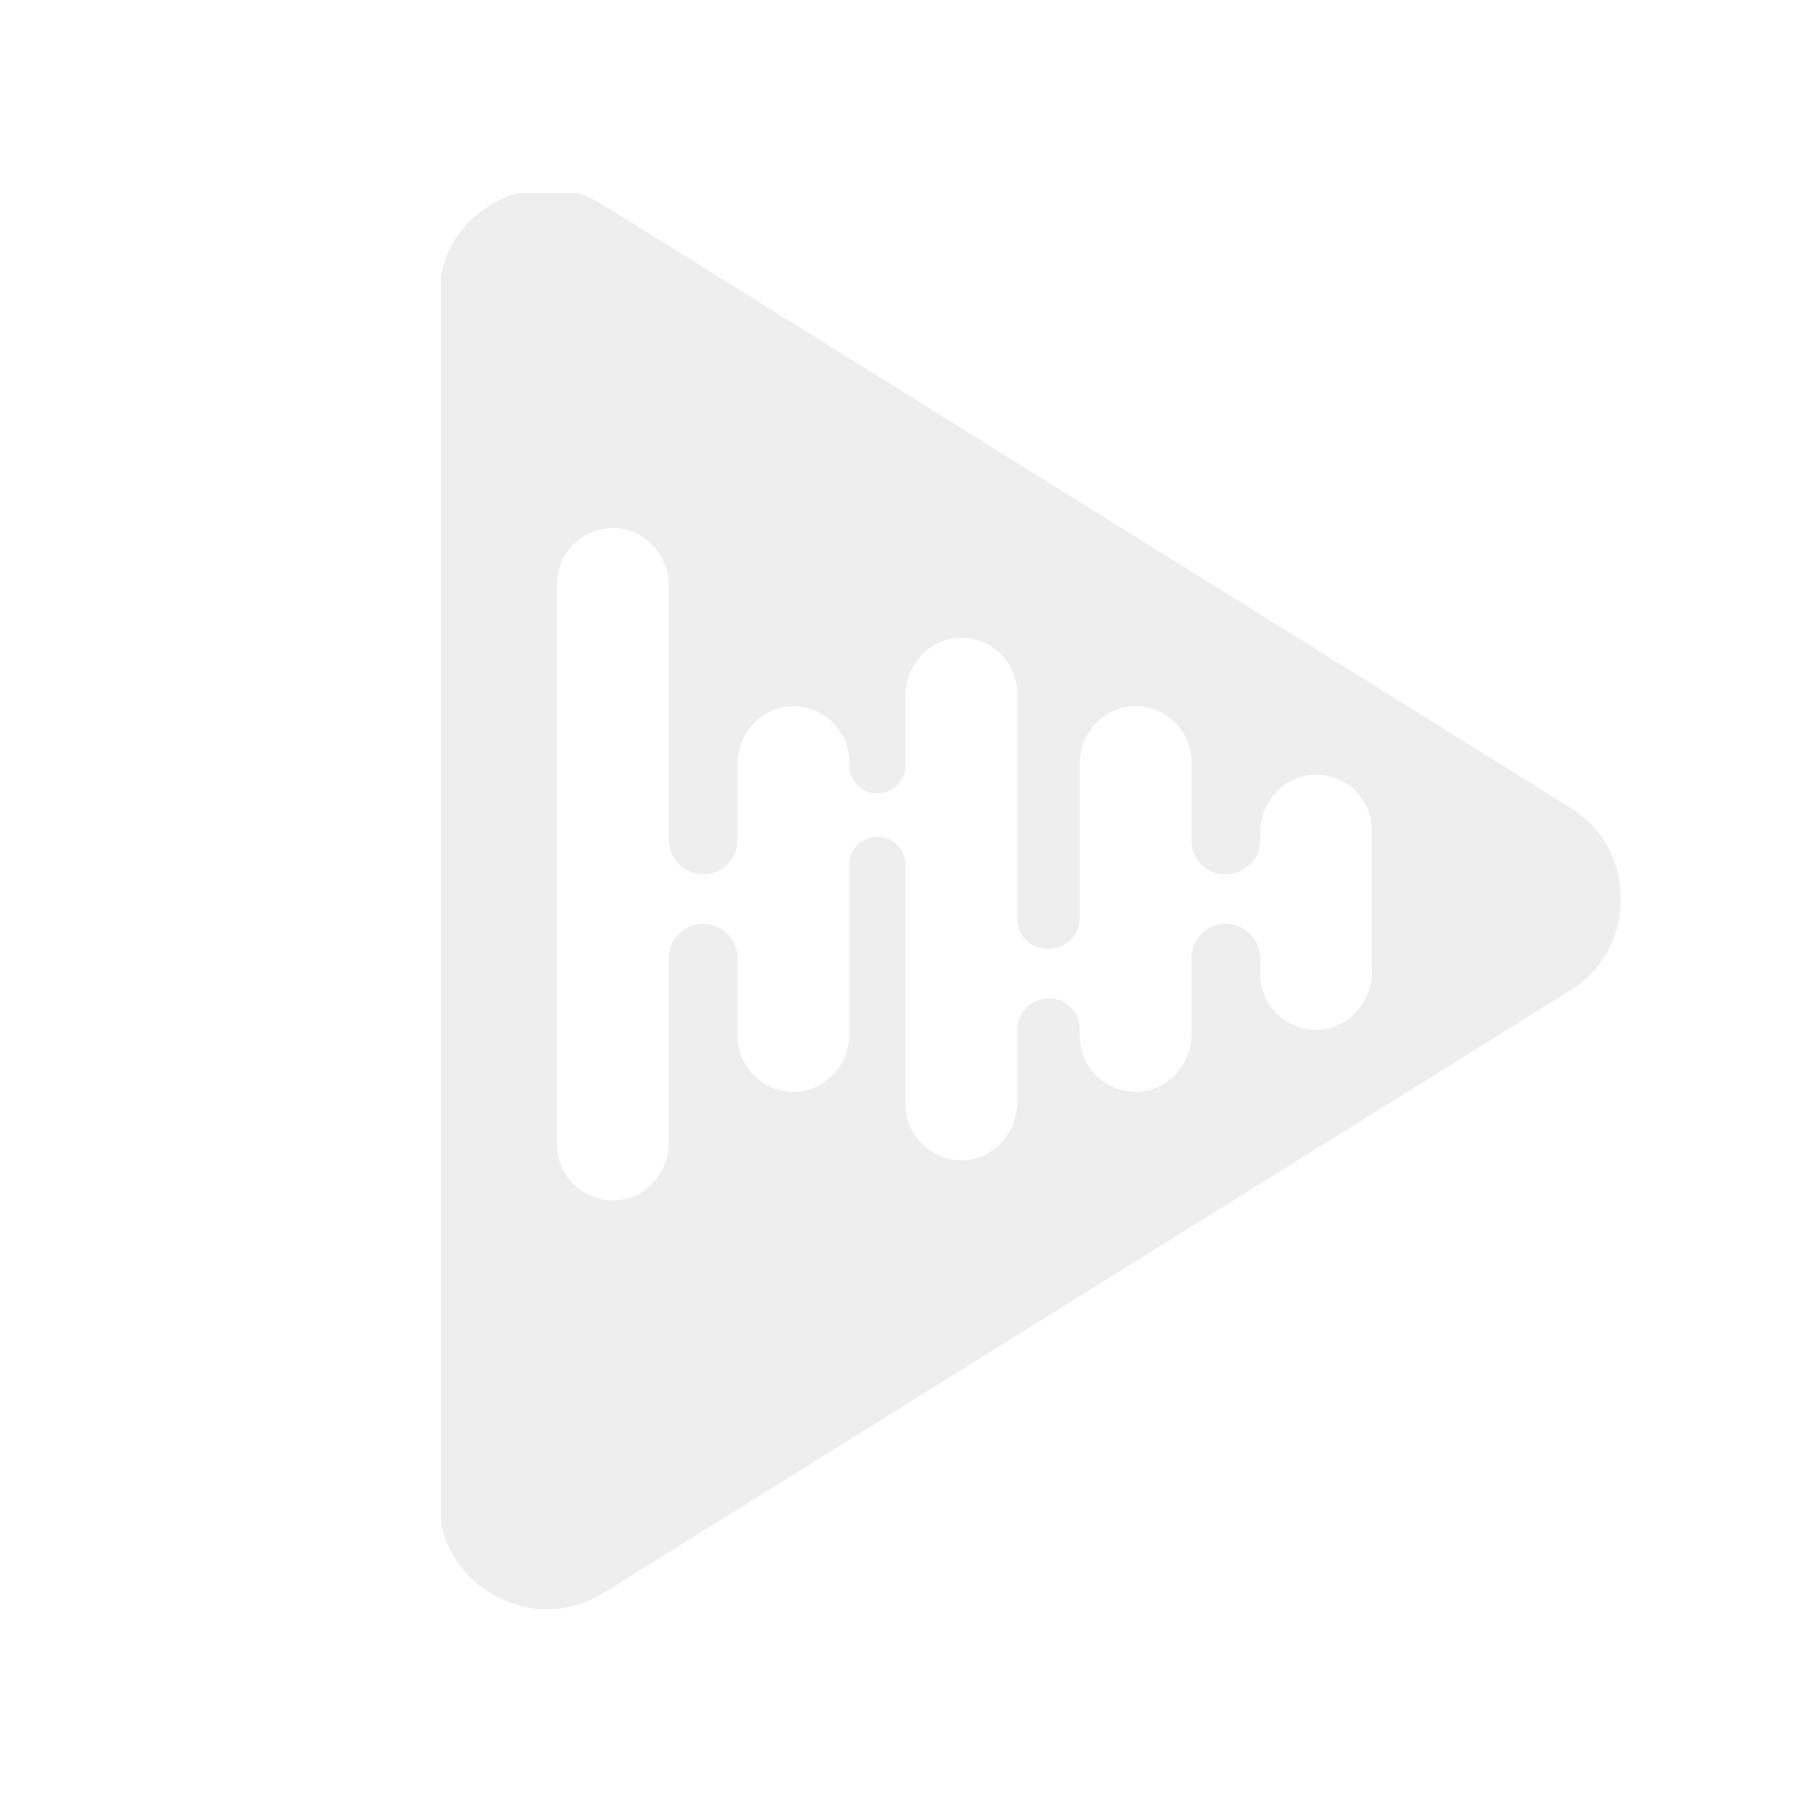 Hertz Mille Pro MP 165.3